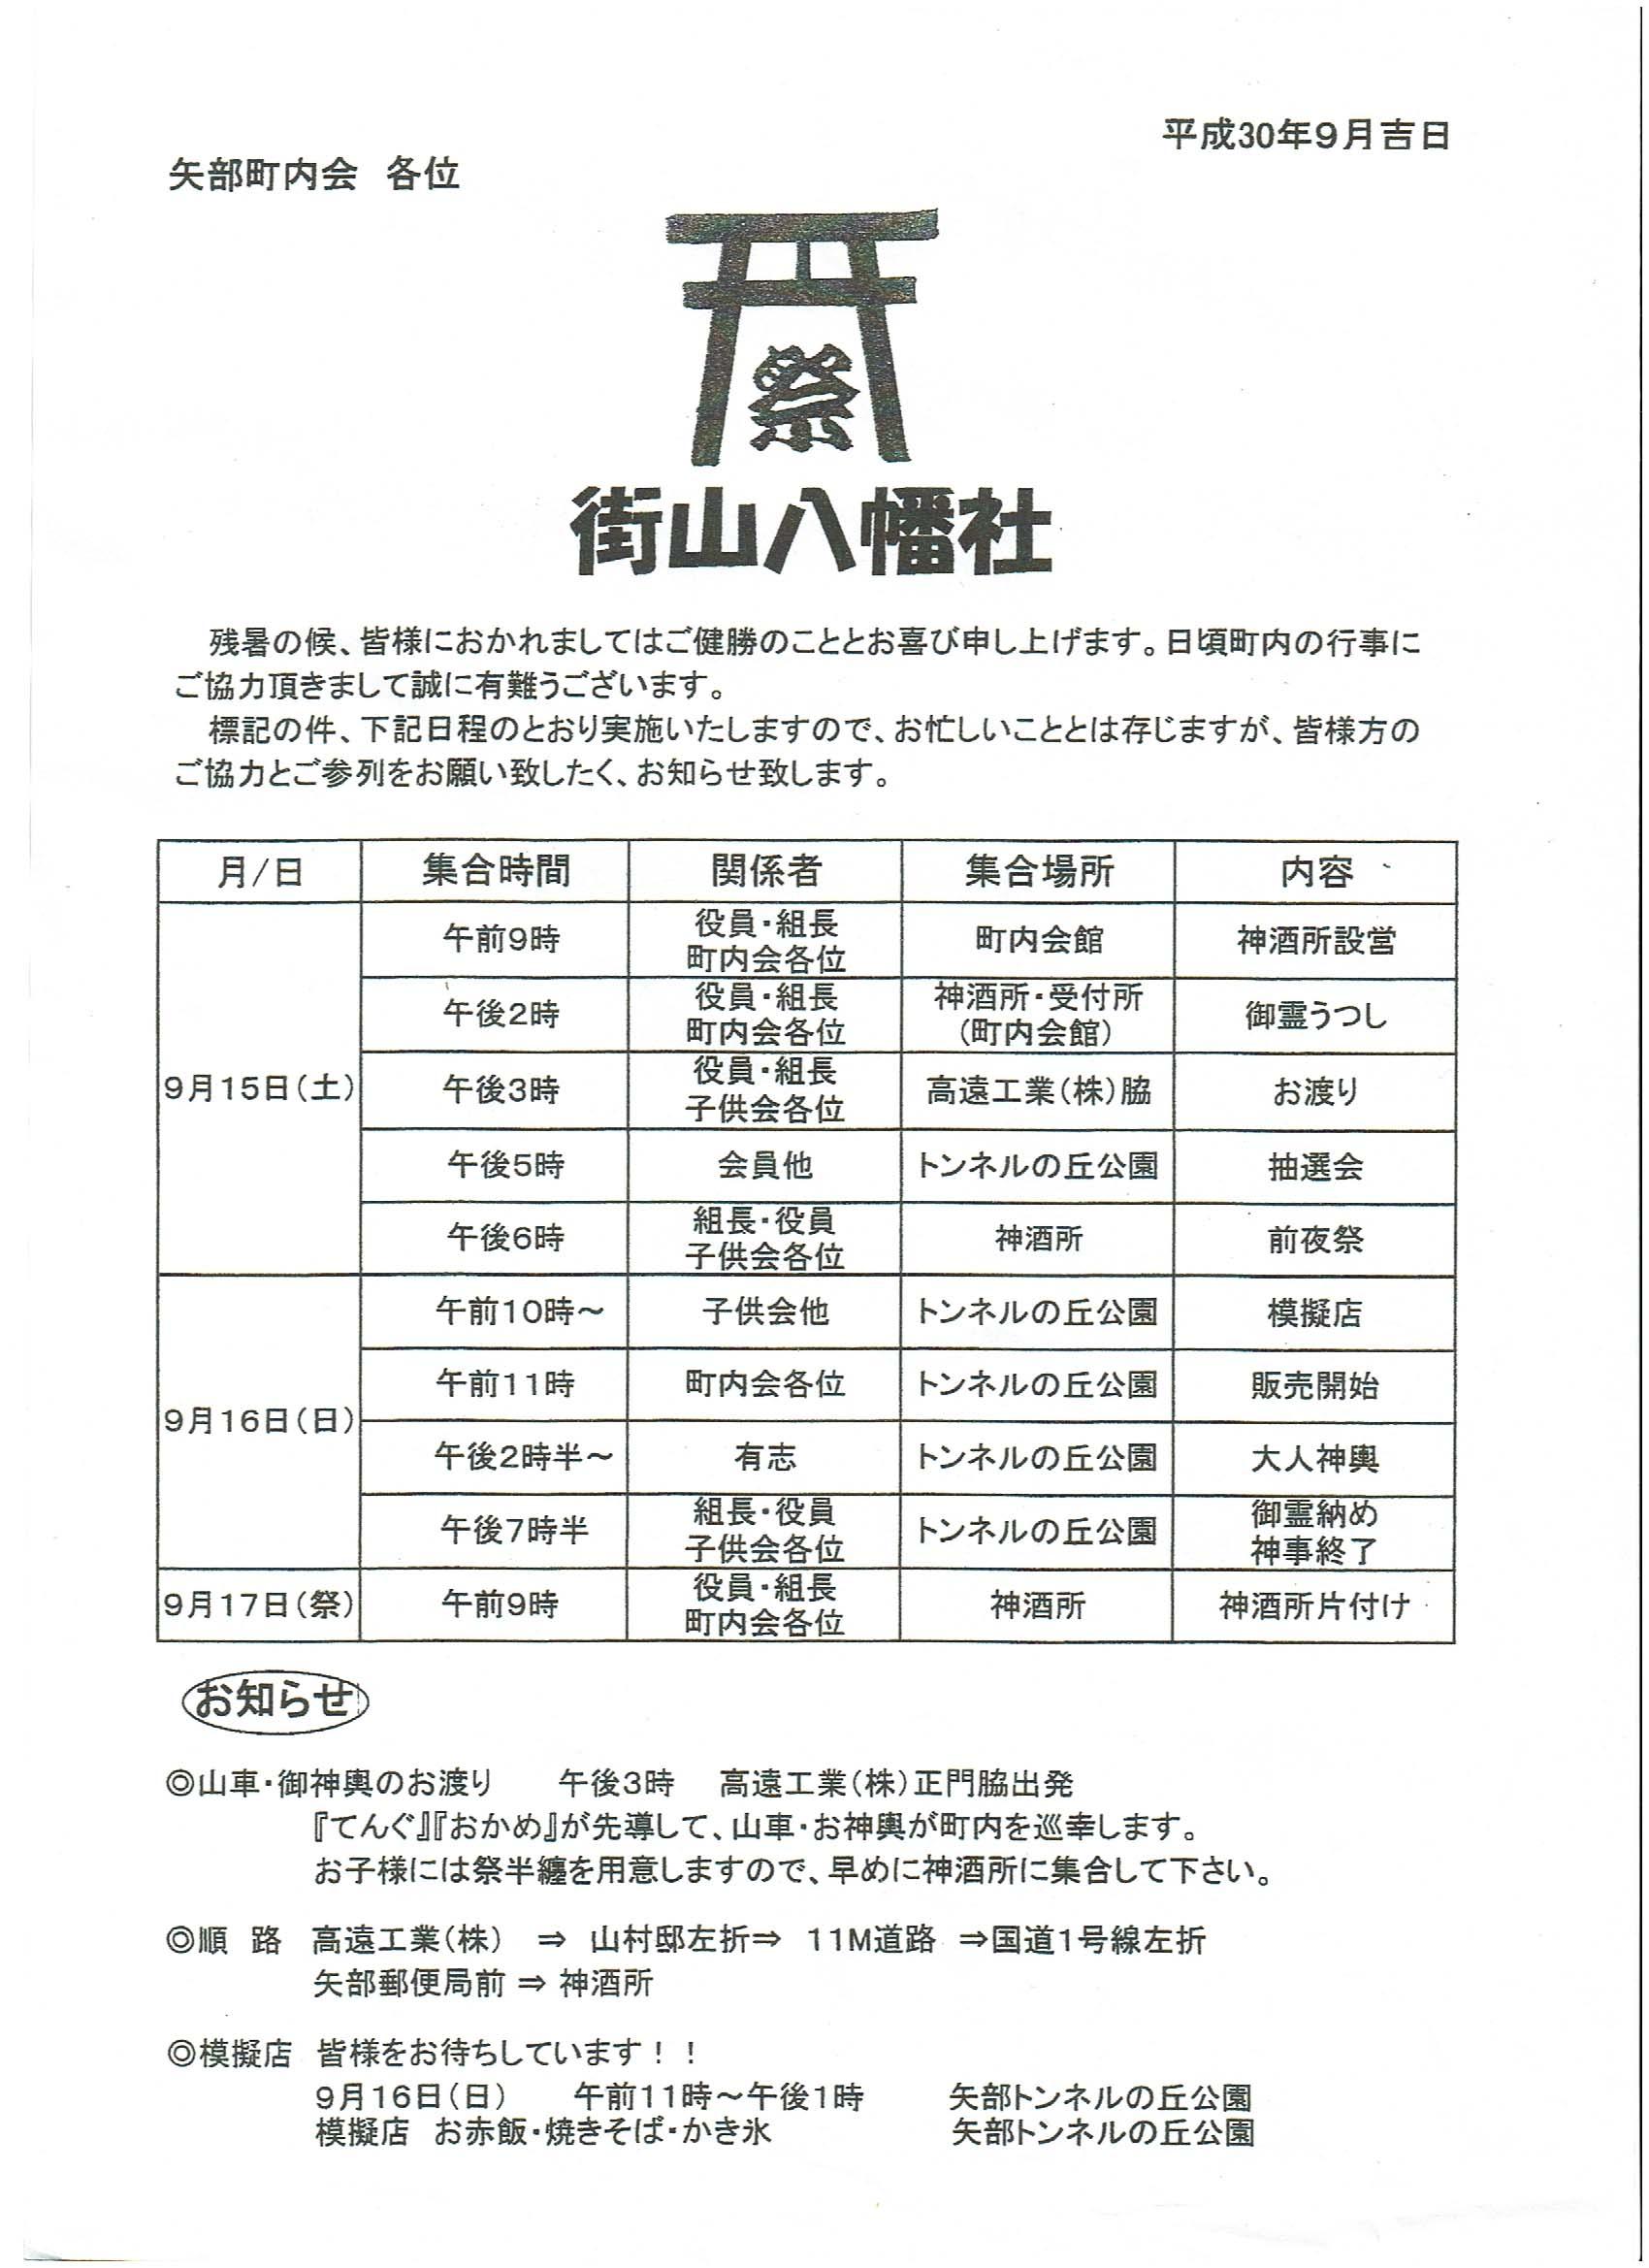 秋の例大祭 2018.09.14-15